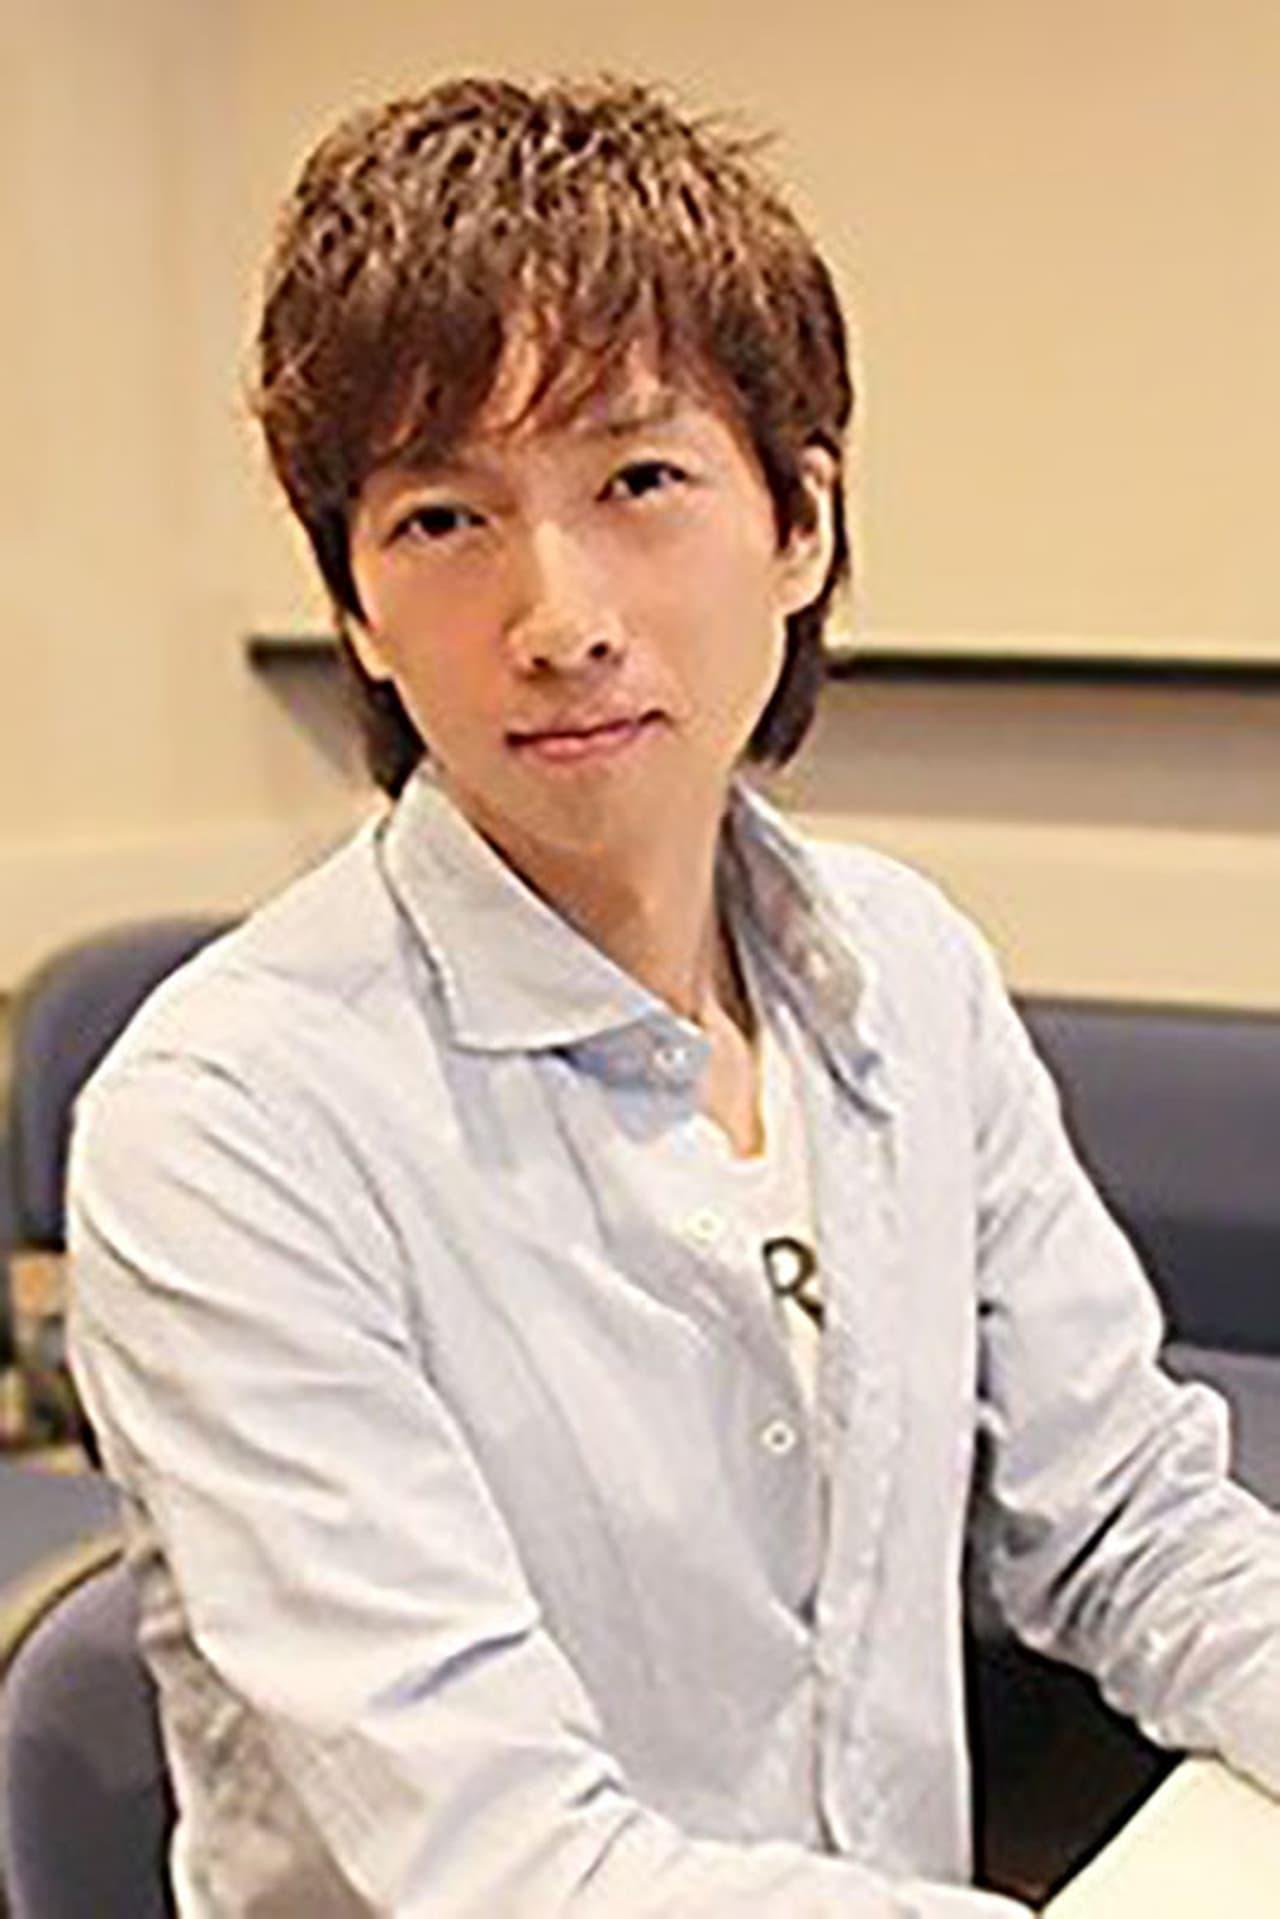 Tomohisa Hashizume